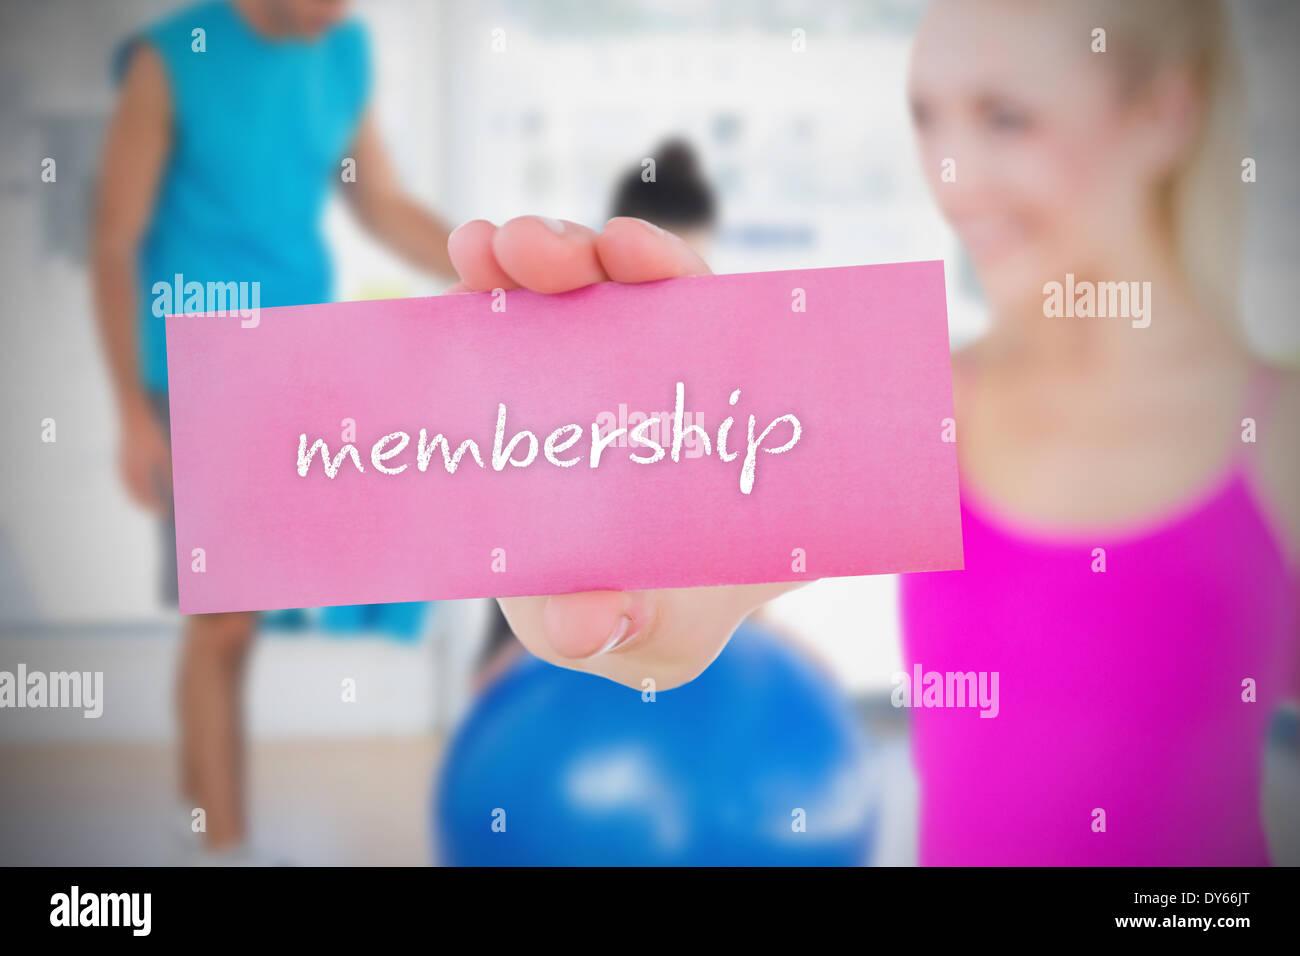 Fit Blondine hält Karte Spruch Mitgliedschaft Stockfoto